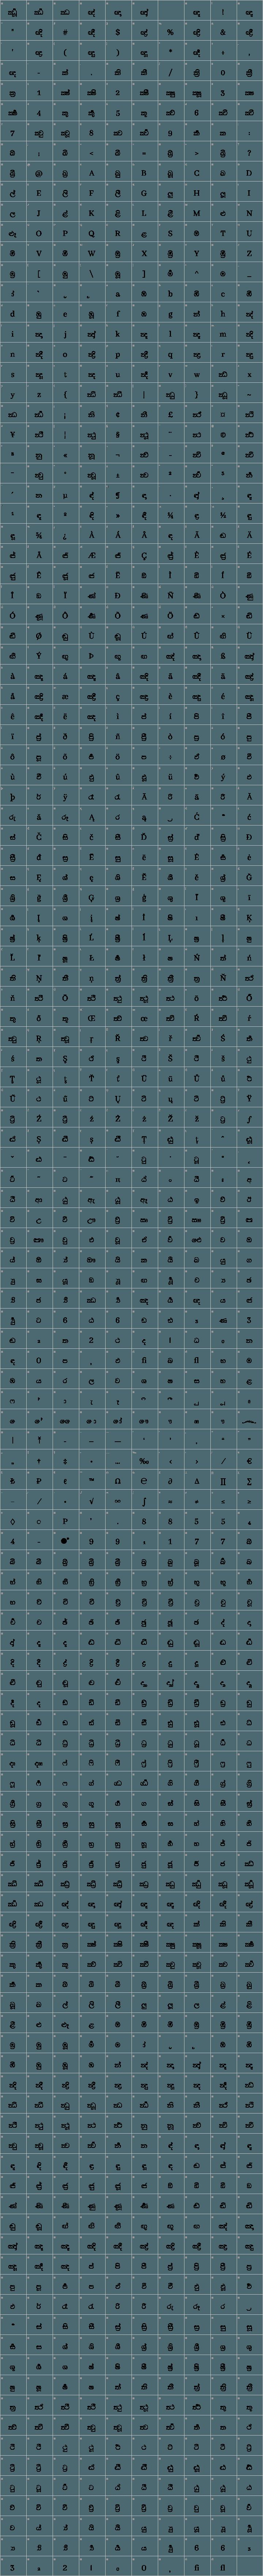 Calibre Bold Font